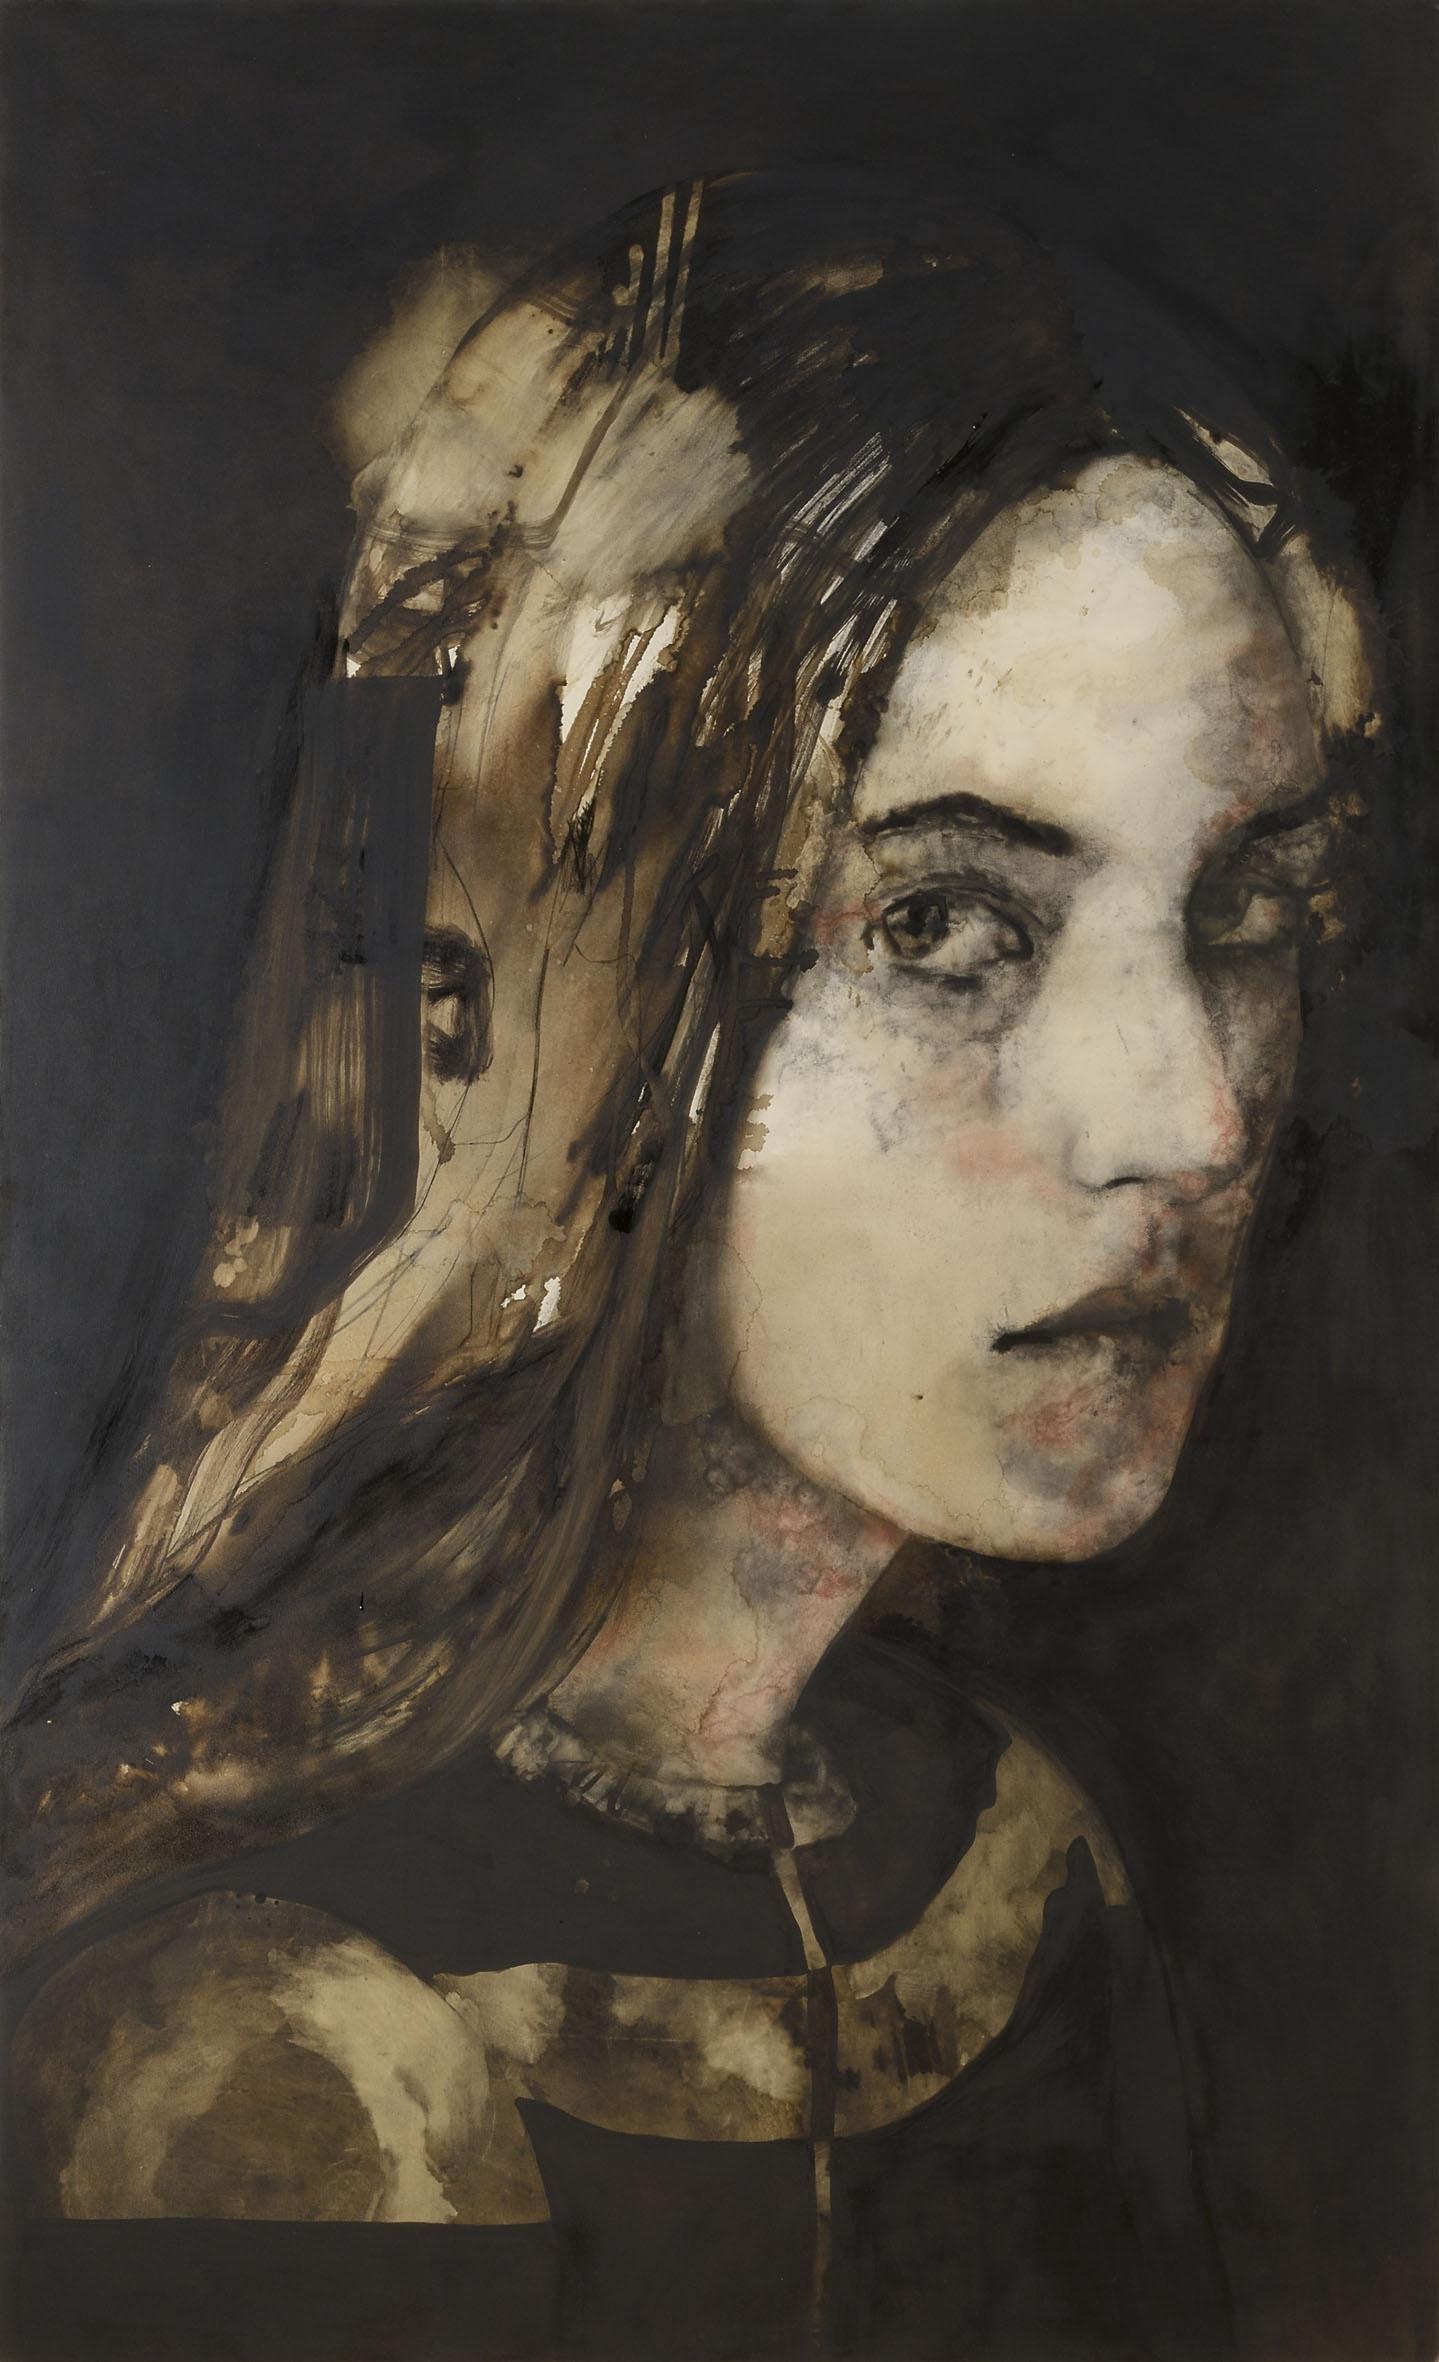 Domenico Grenci N., 2015 Bitume, carboncino e sanguigna su tela 300x180 cm Courtesy: Galleria Alessandro Casciaro, Bolzano